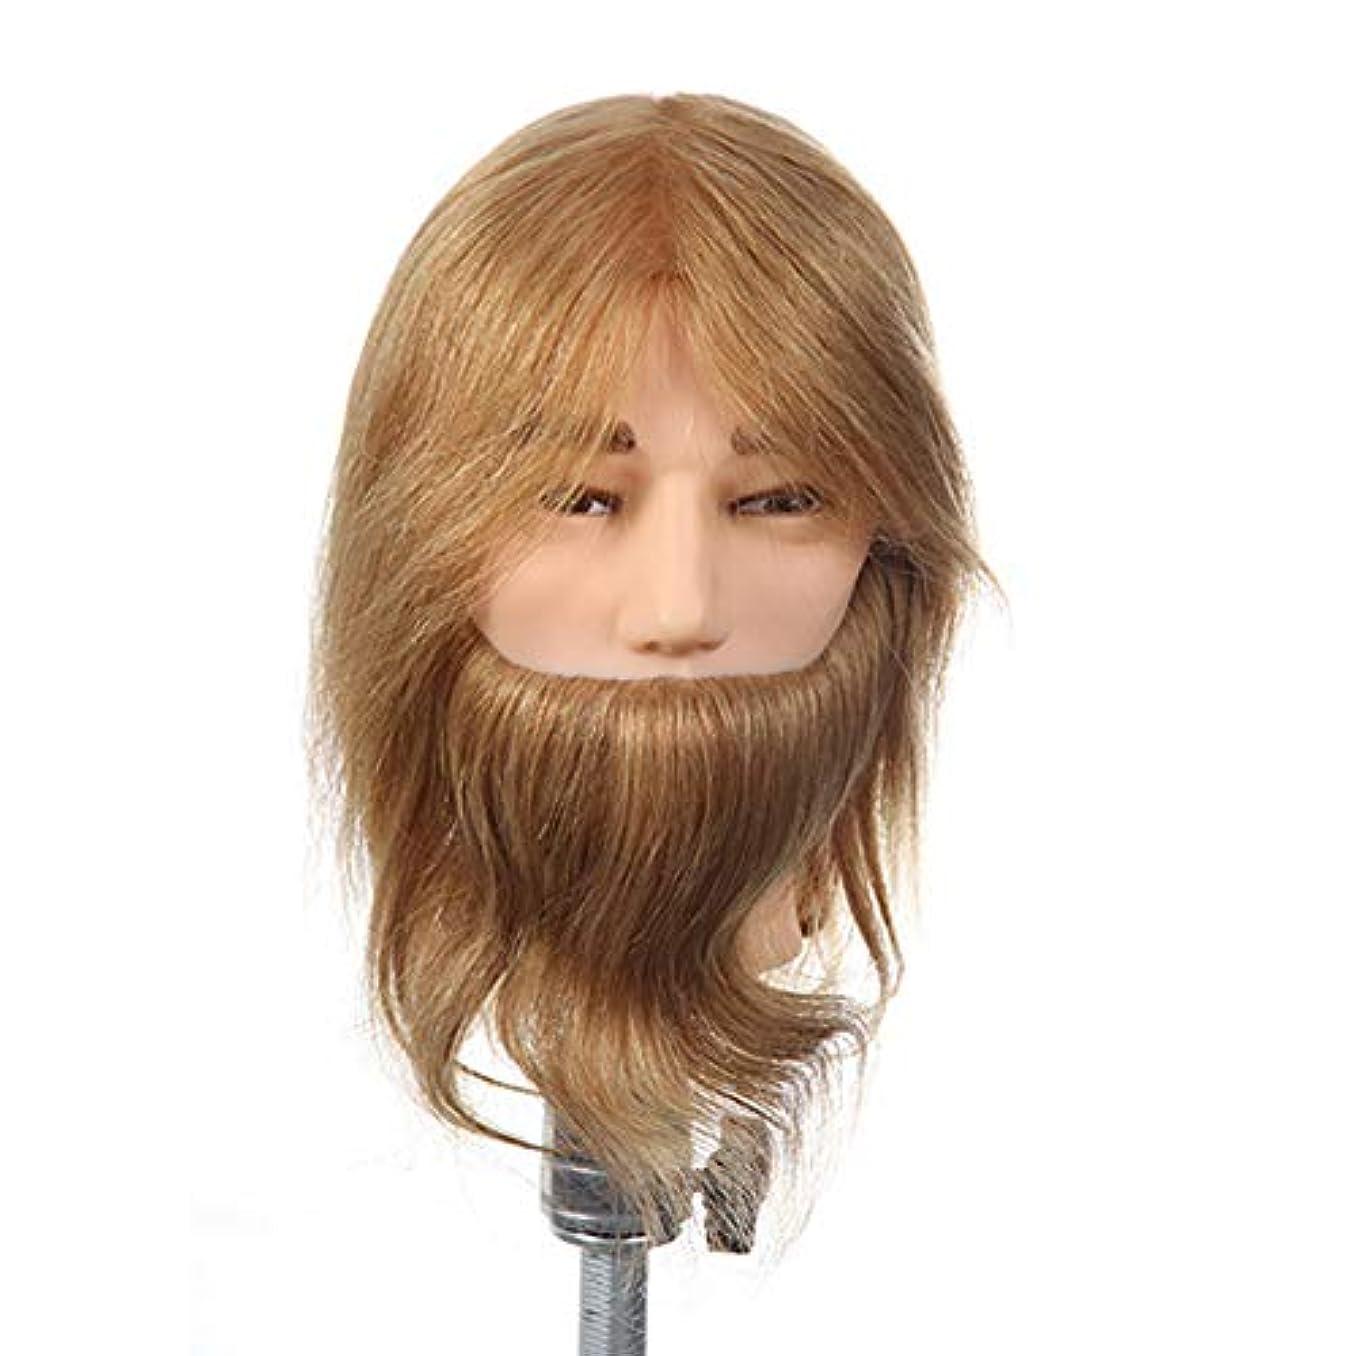 ペネロペ追い払う割り当て本物のヘア男性化粧ダミーヘッドヘアサロン学習パーマ染めトリミング髪あごひげマネキンヘッド付き口ひげ指導ヘッド